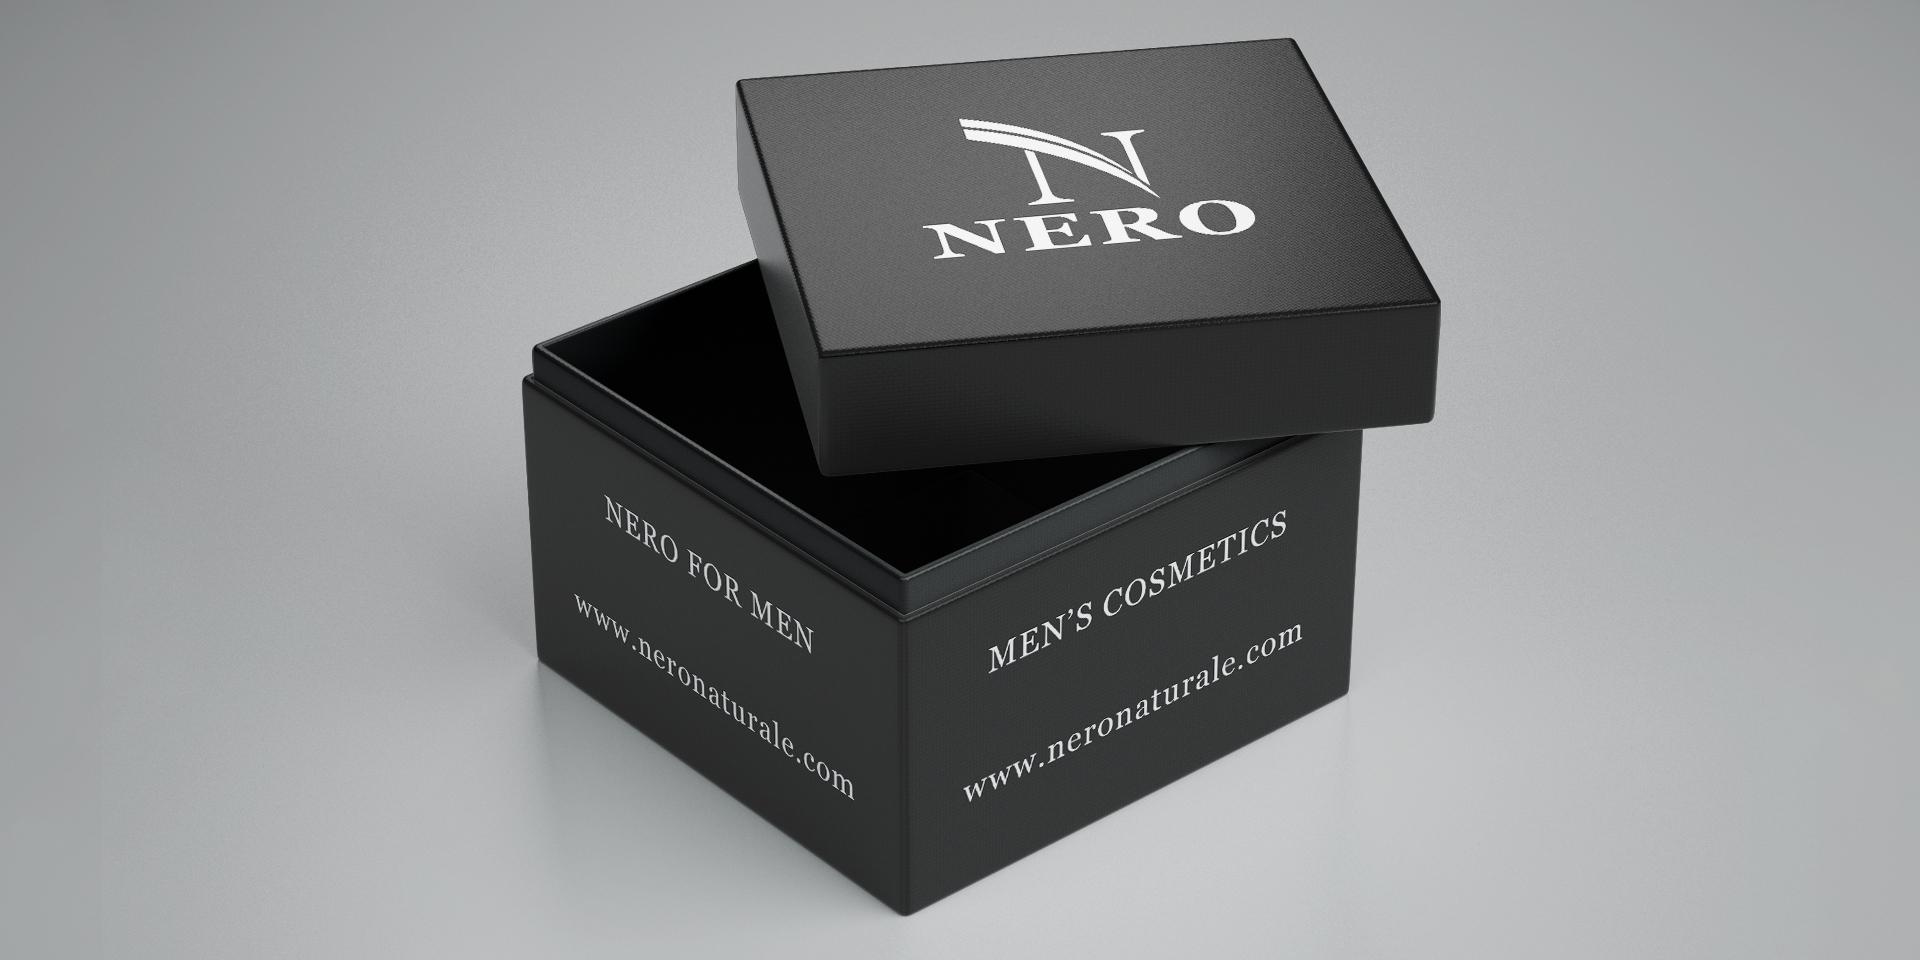 опаковъчна кутия nero for men